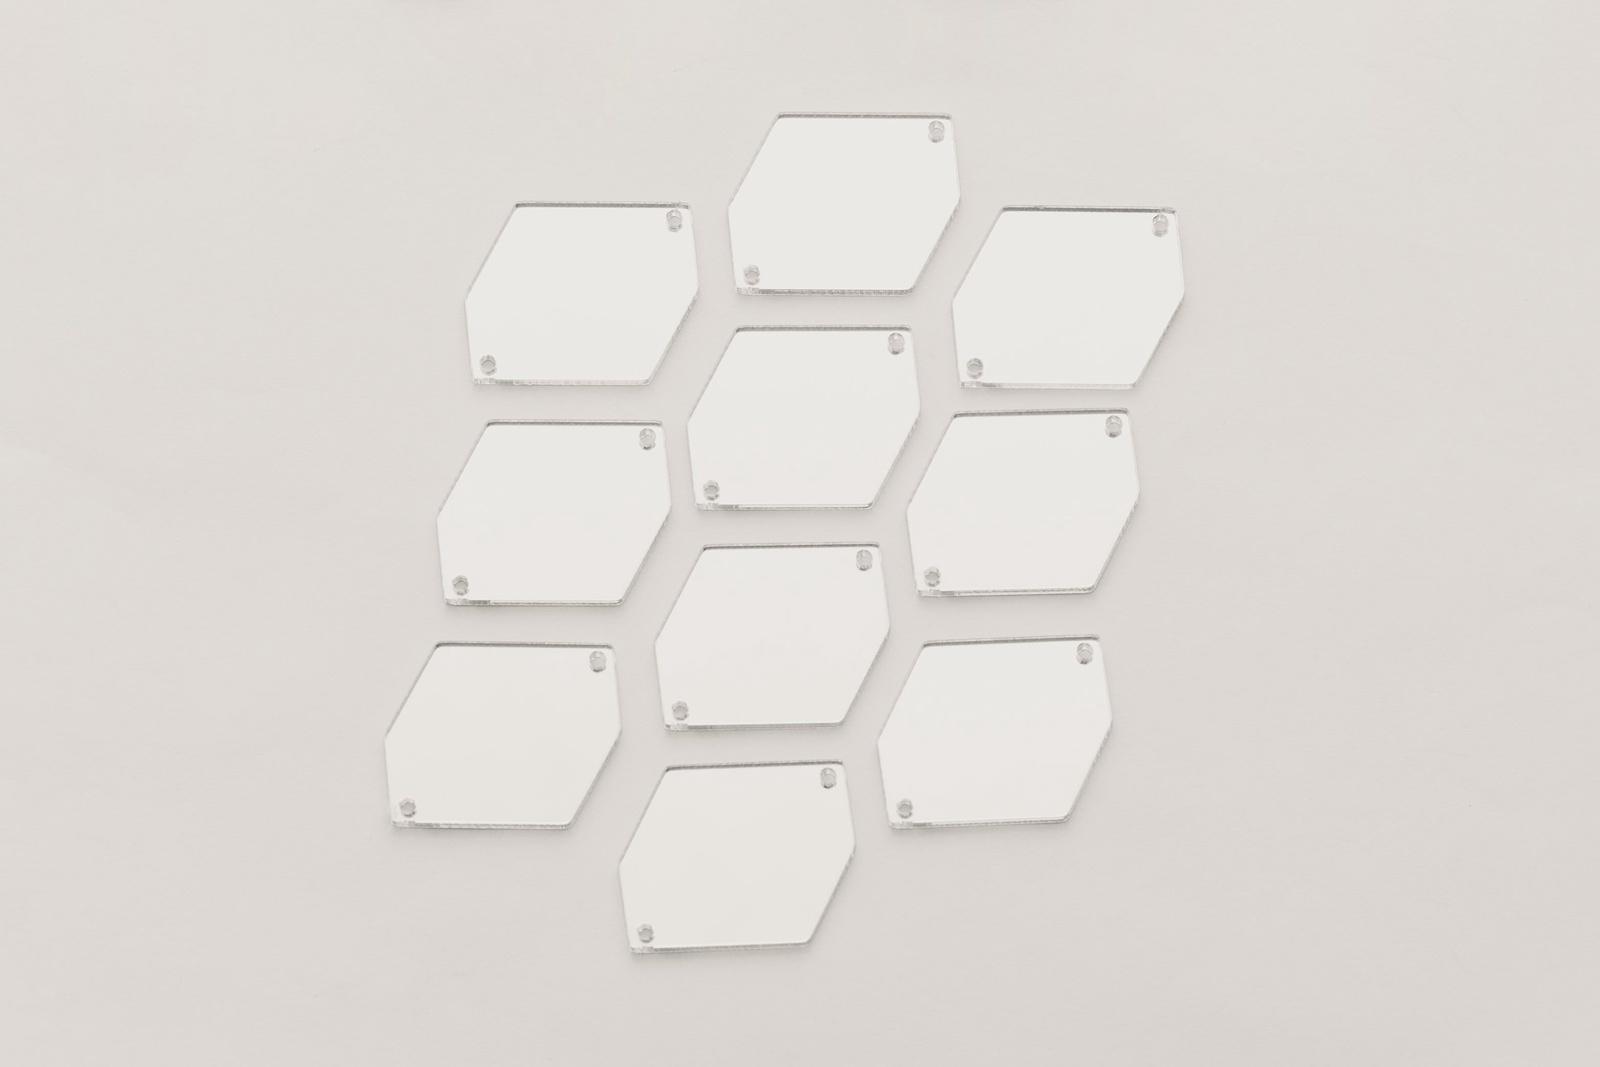 CASP Lase ШЕСТ1520 Комплект акриловых пришивных зеркал/страз Шестиугольник 15х20